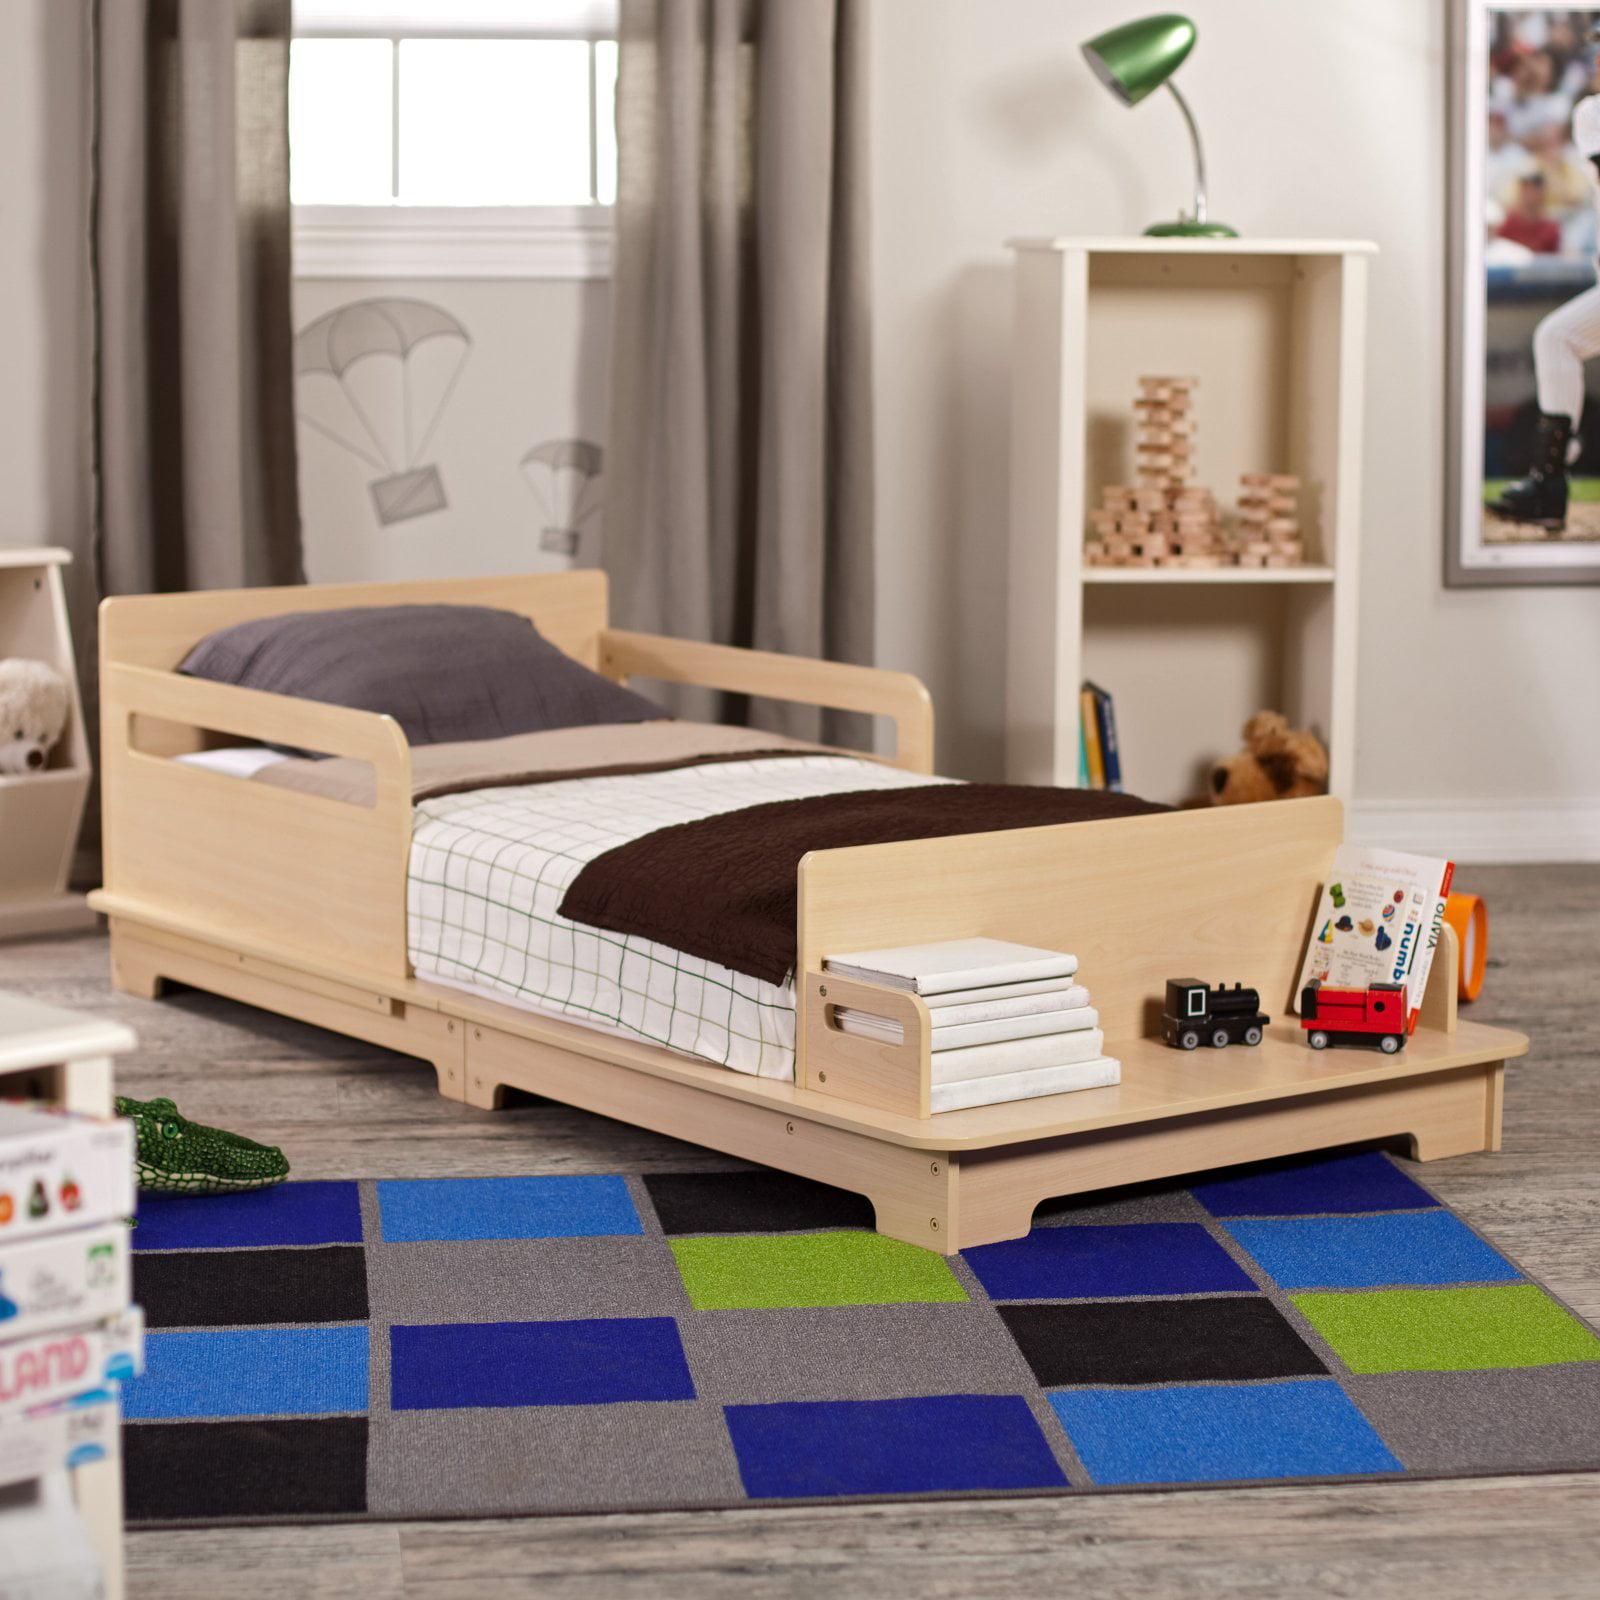 Kidkraft Modern Toddler Bed 86921 Walmart Com Walmart Com